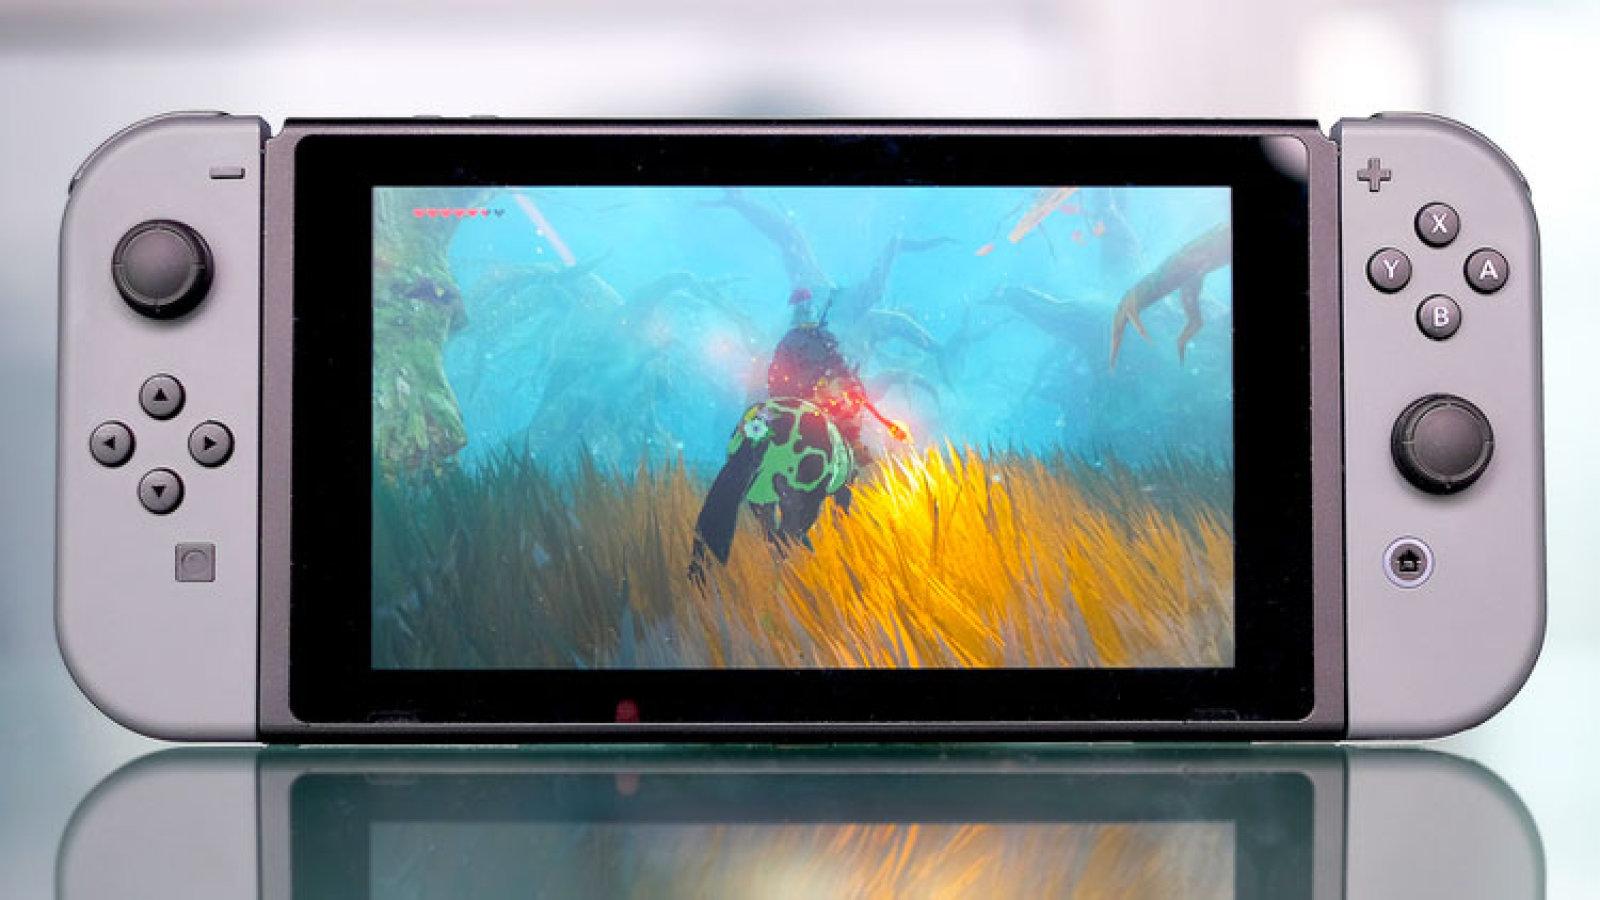 La Switch es la consola de Nintendo que más rápido se ha vendido